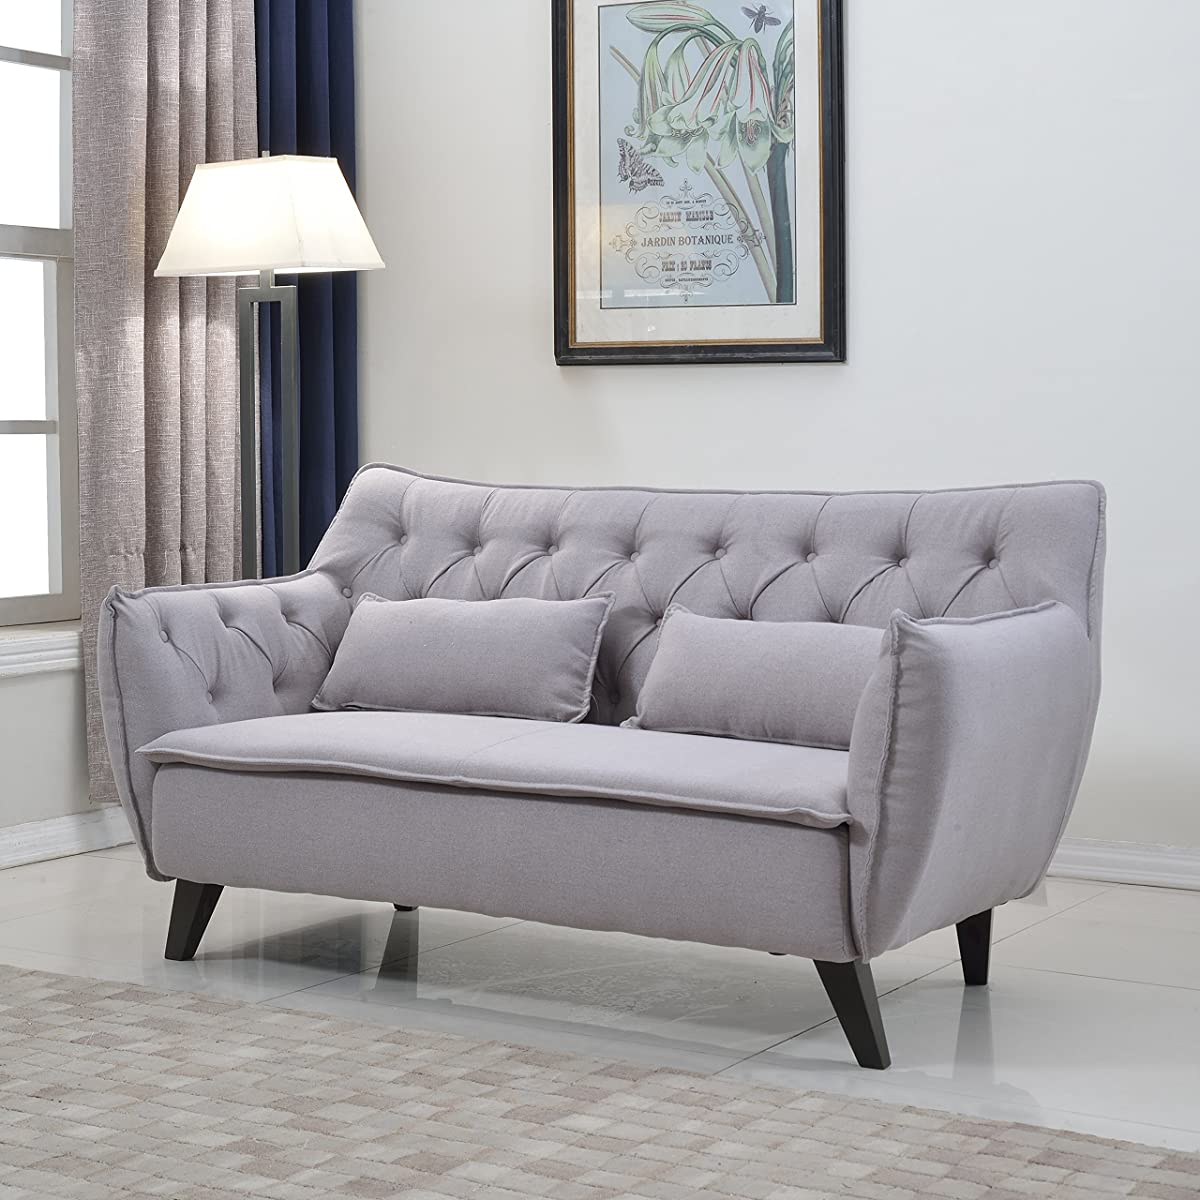 Divano Roma Furniture Mid Century Linen Fabric Loveseat, Light Grey